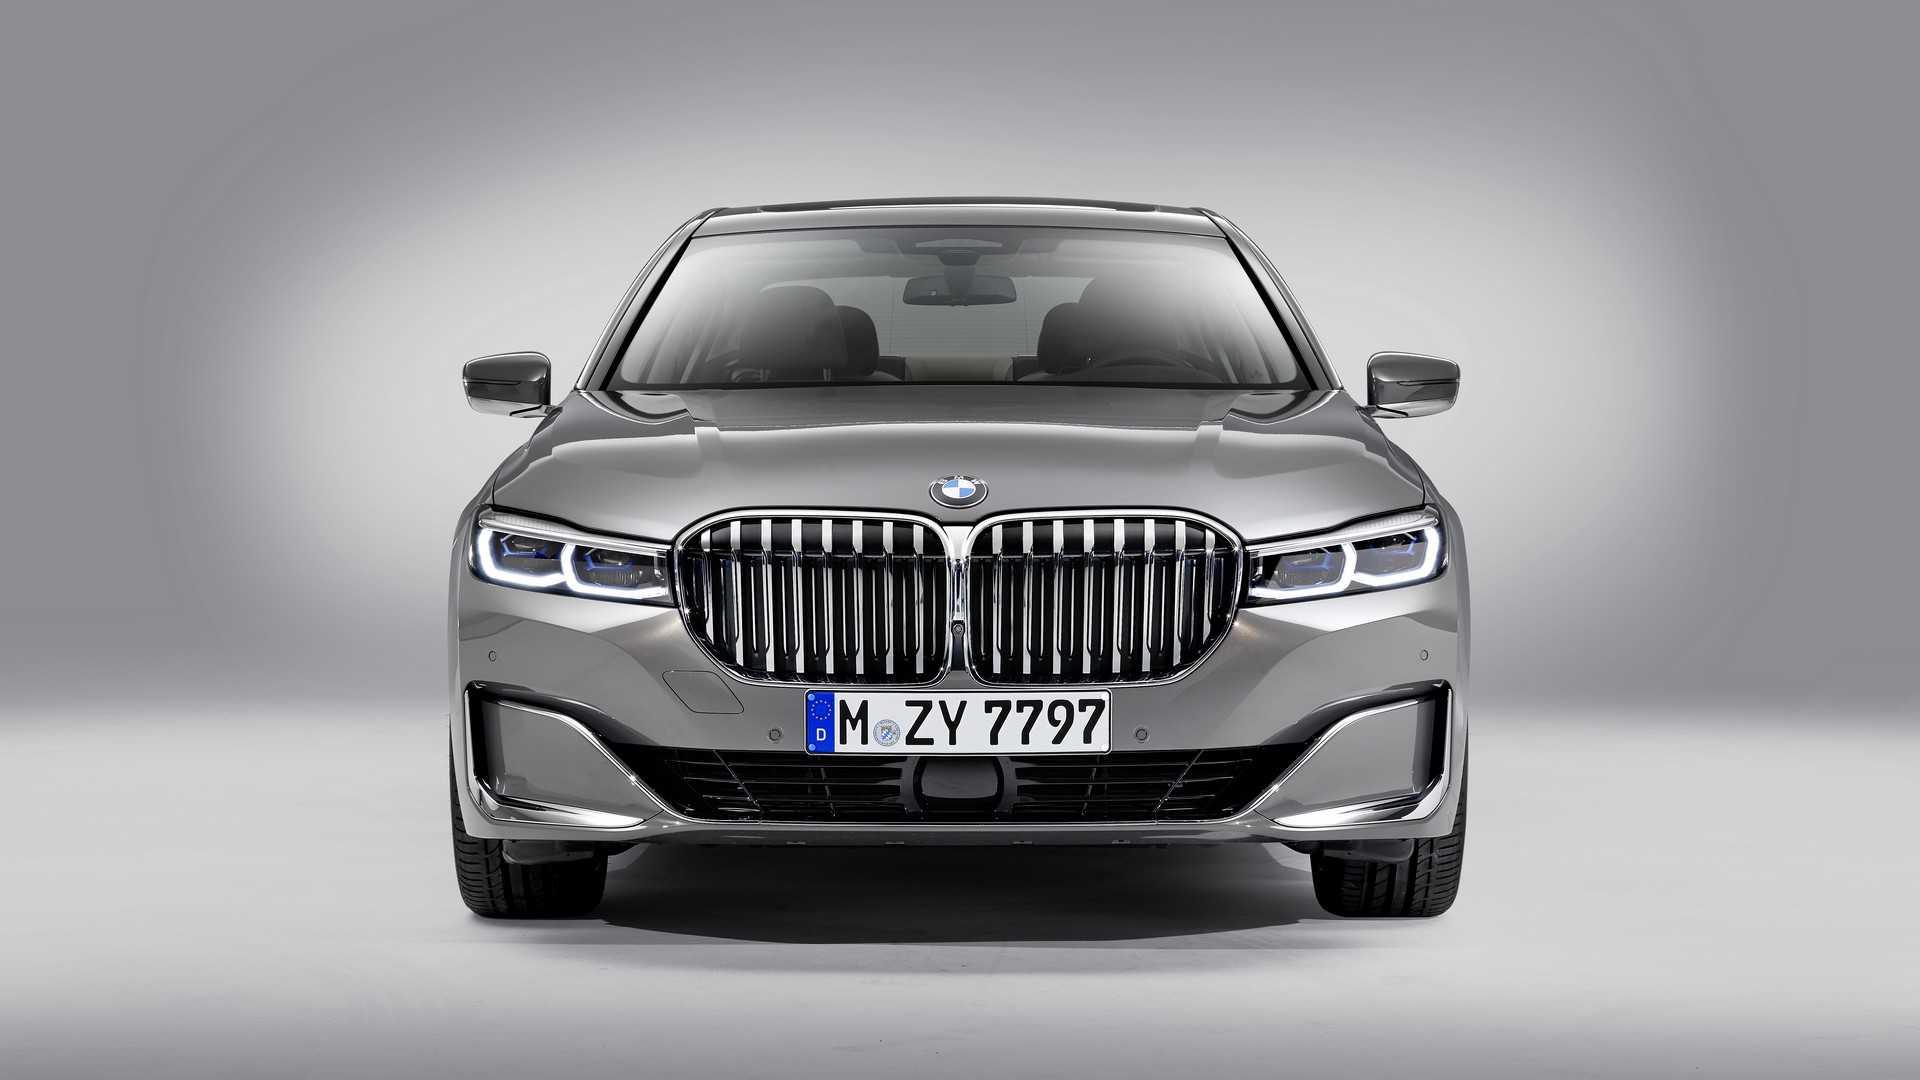 BMW 7 Series thế hệ mới sẽ có thêm bản chạy điện hoàn toàn - 13